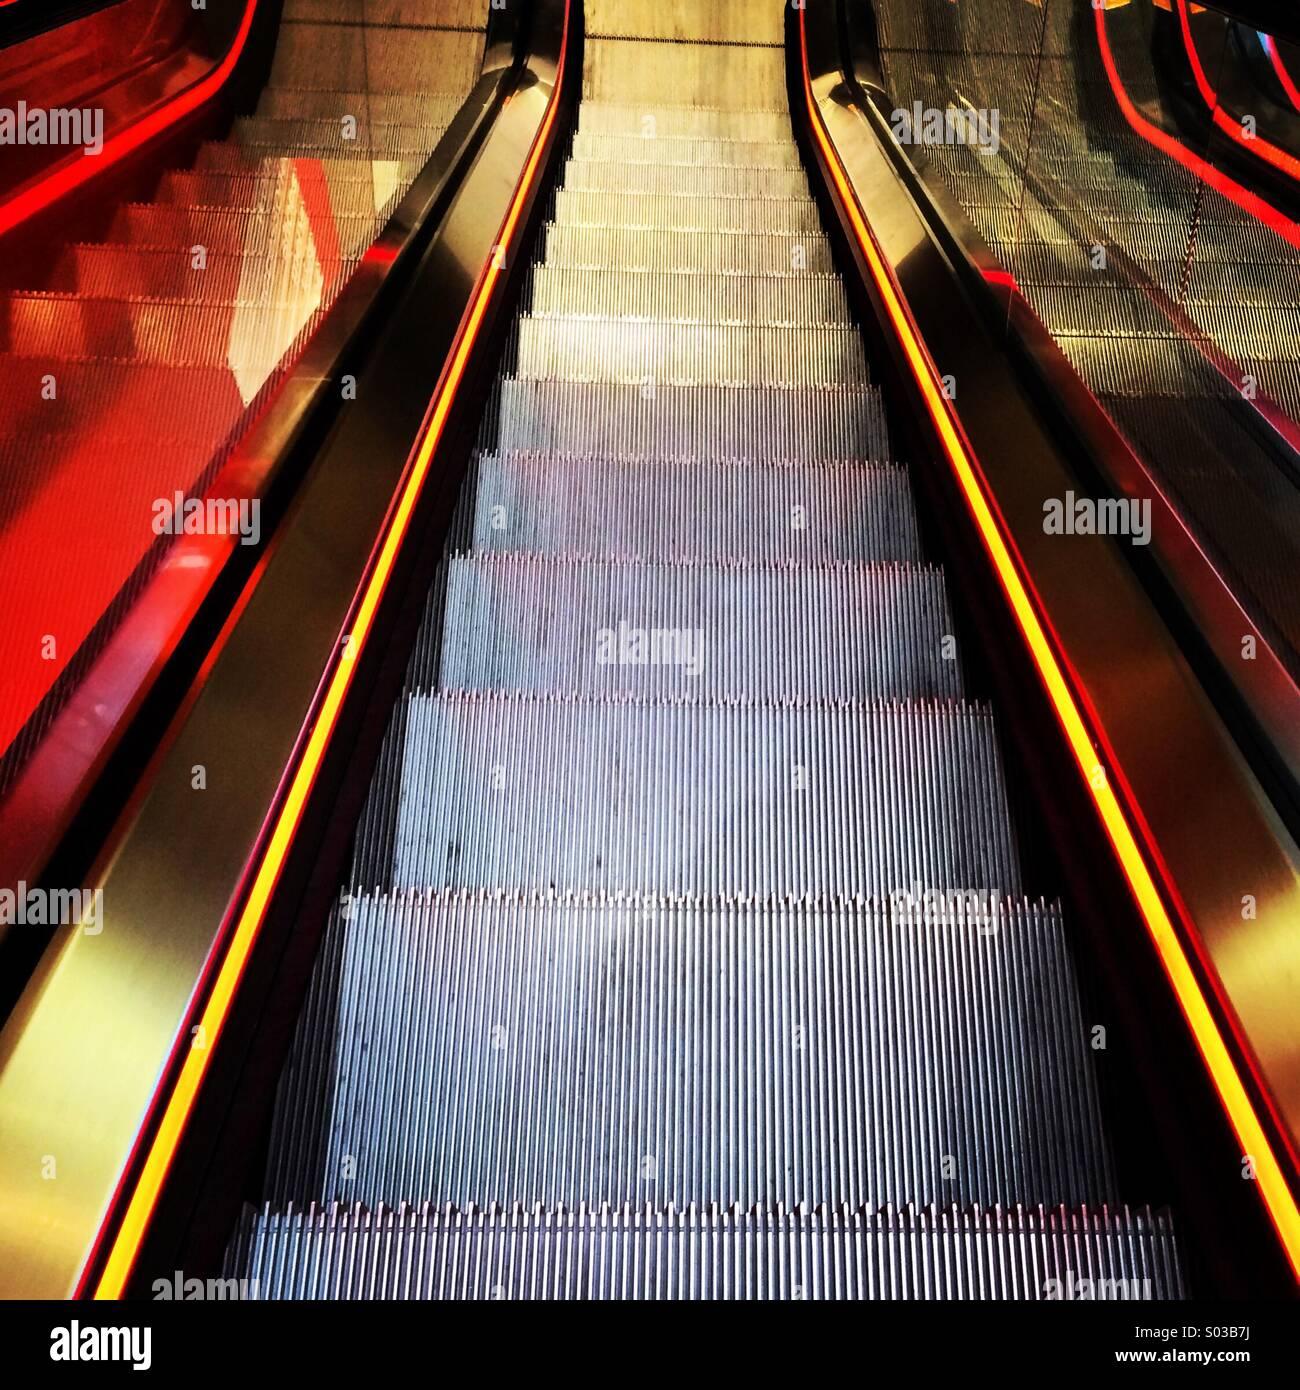 Illuminati al neon escalator. Immagini Stock